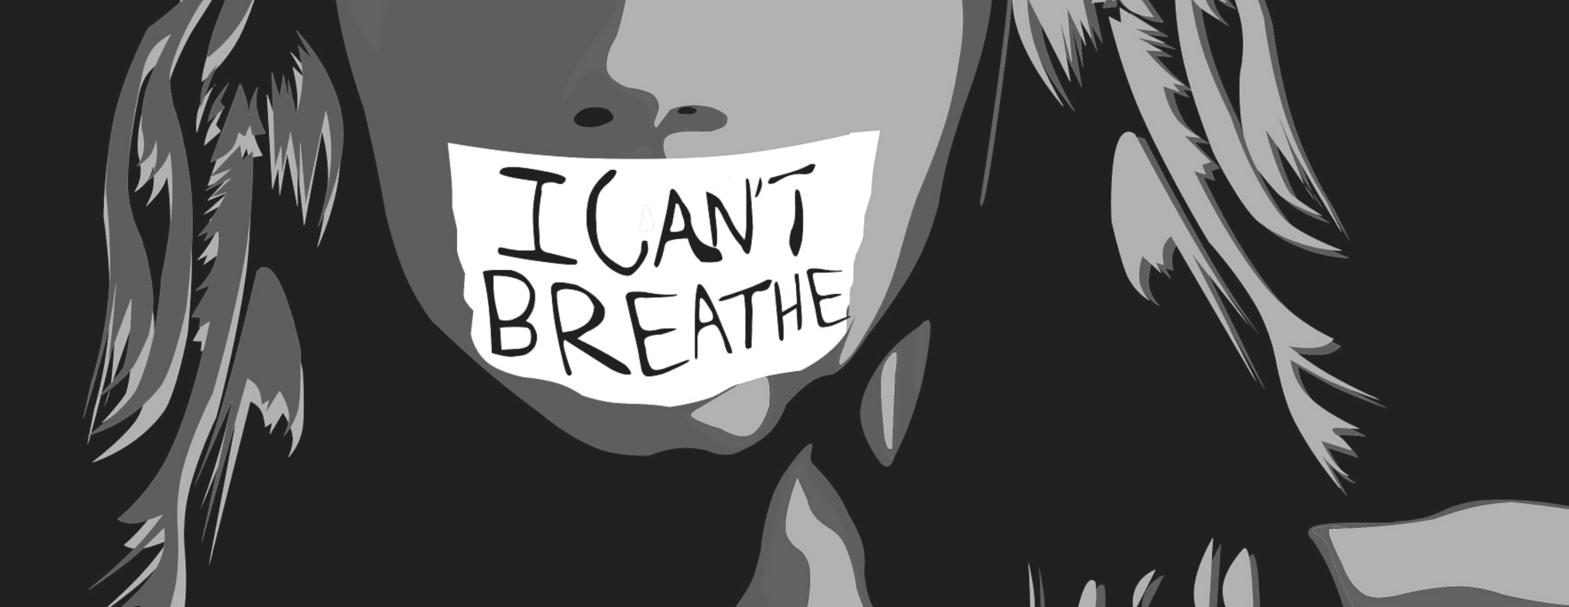 #BlackLivesMatter: Collective Reflections